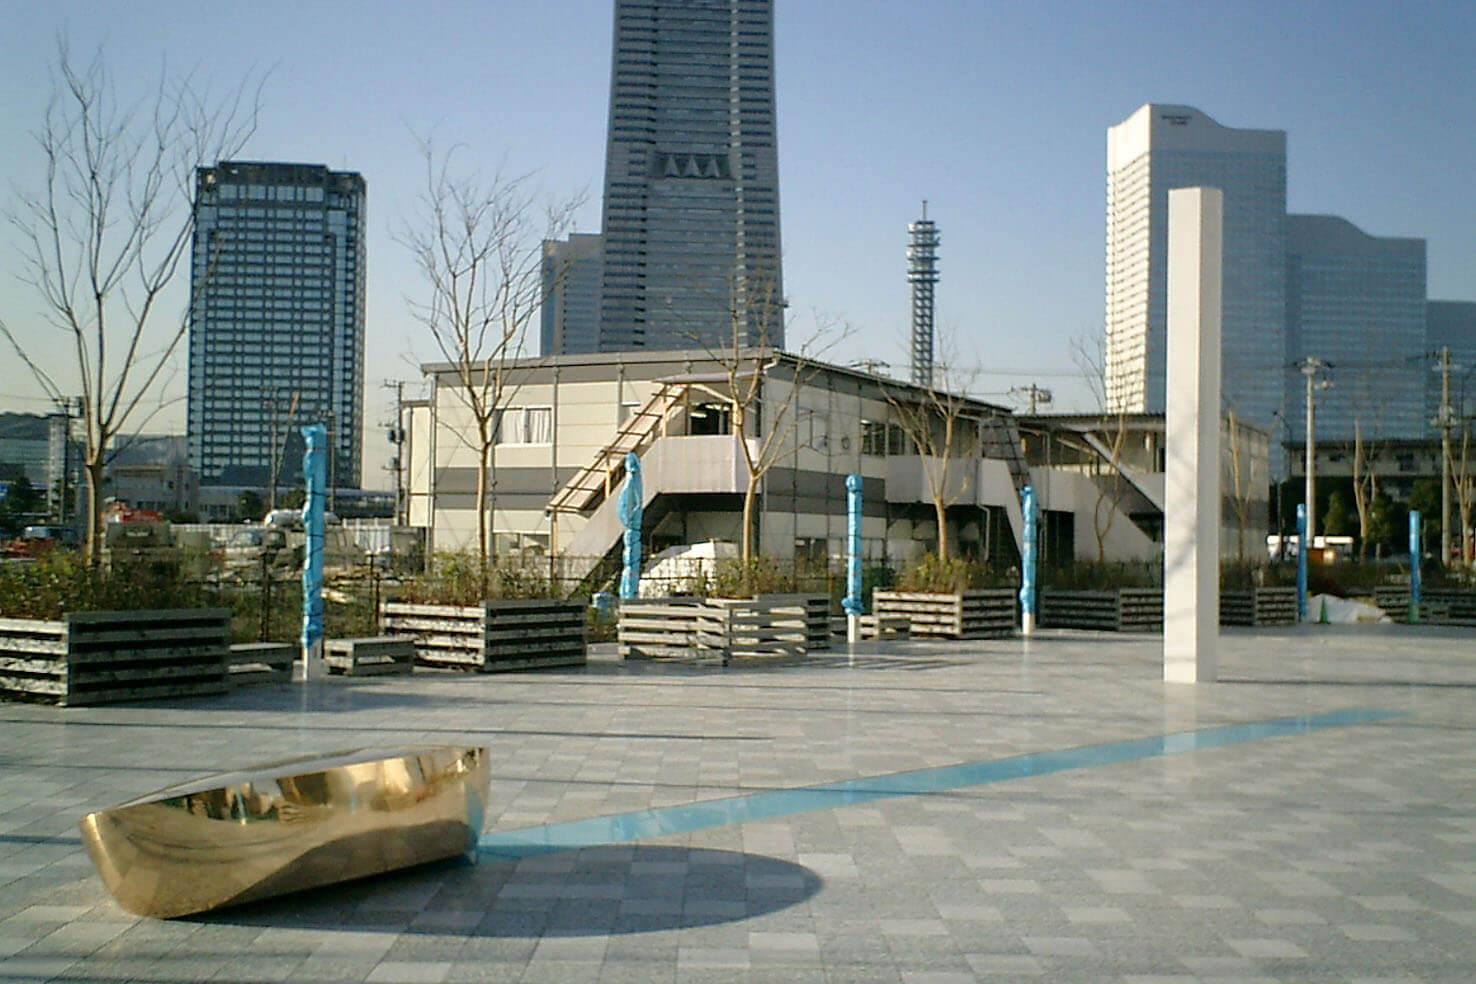 横浜アイランド アートプロジェクト offsociety inc. Yokohama i-Land Art Project 現代美術・アート Contemporary Art